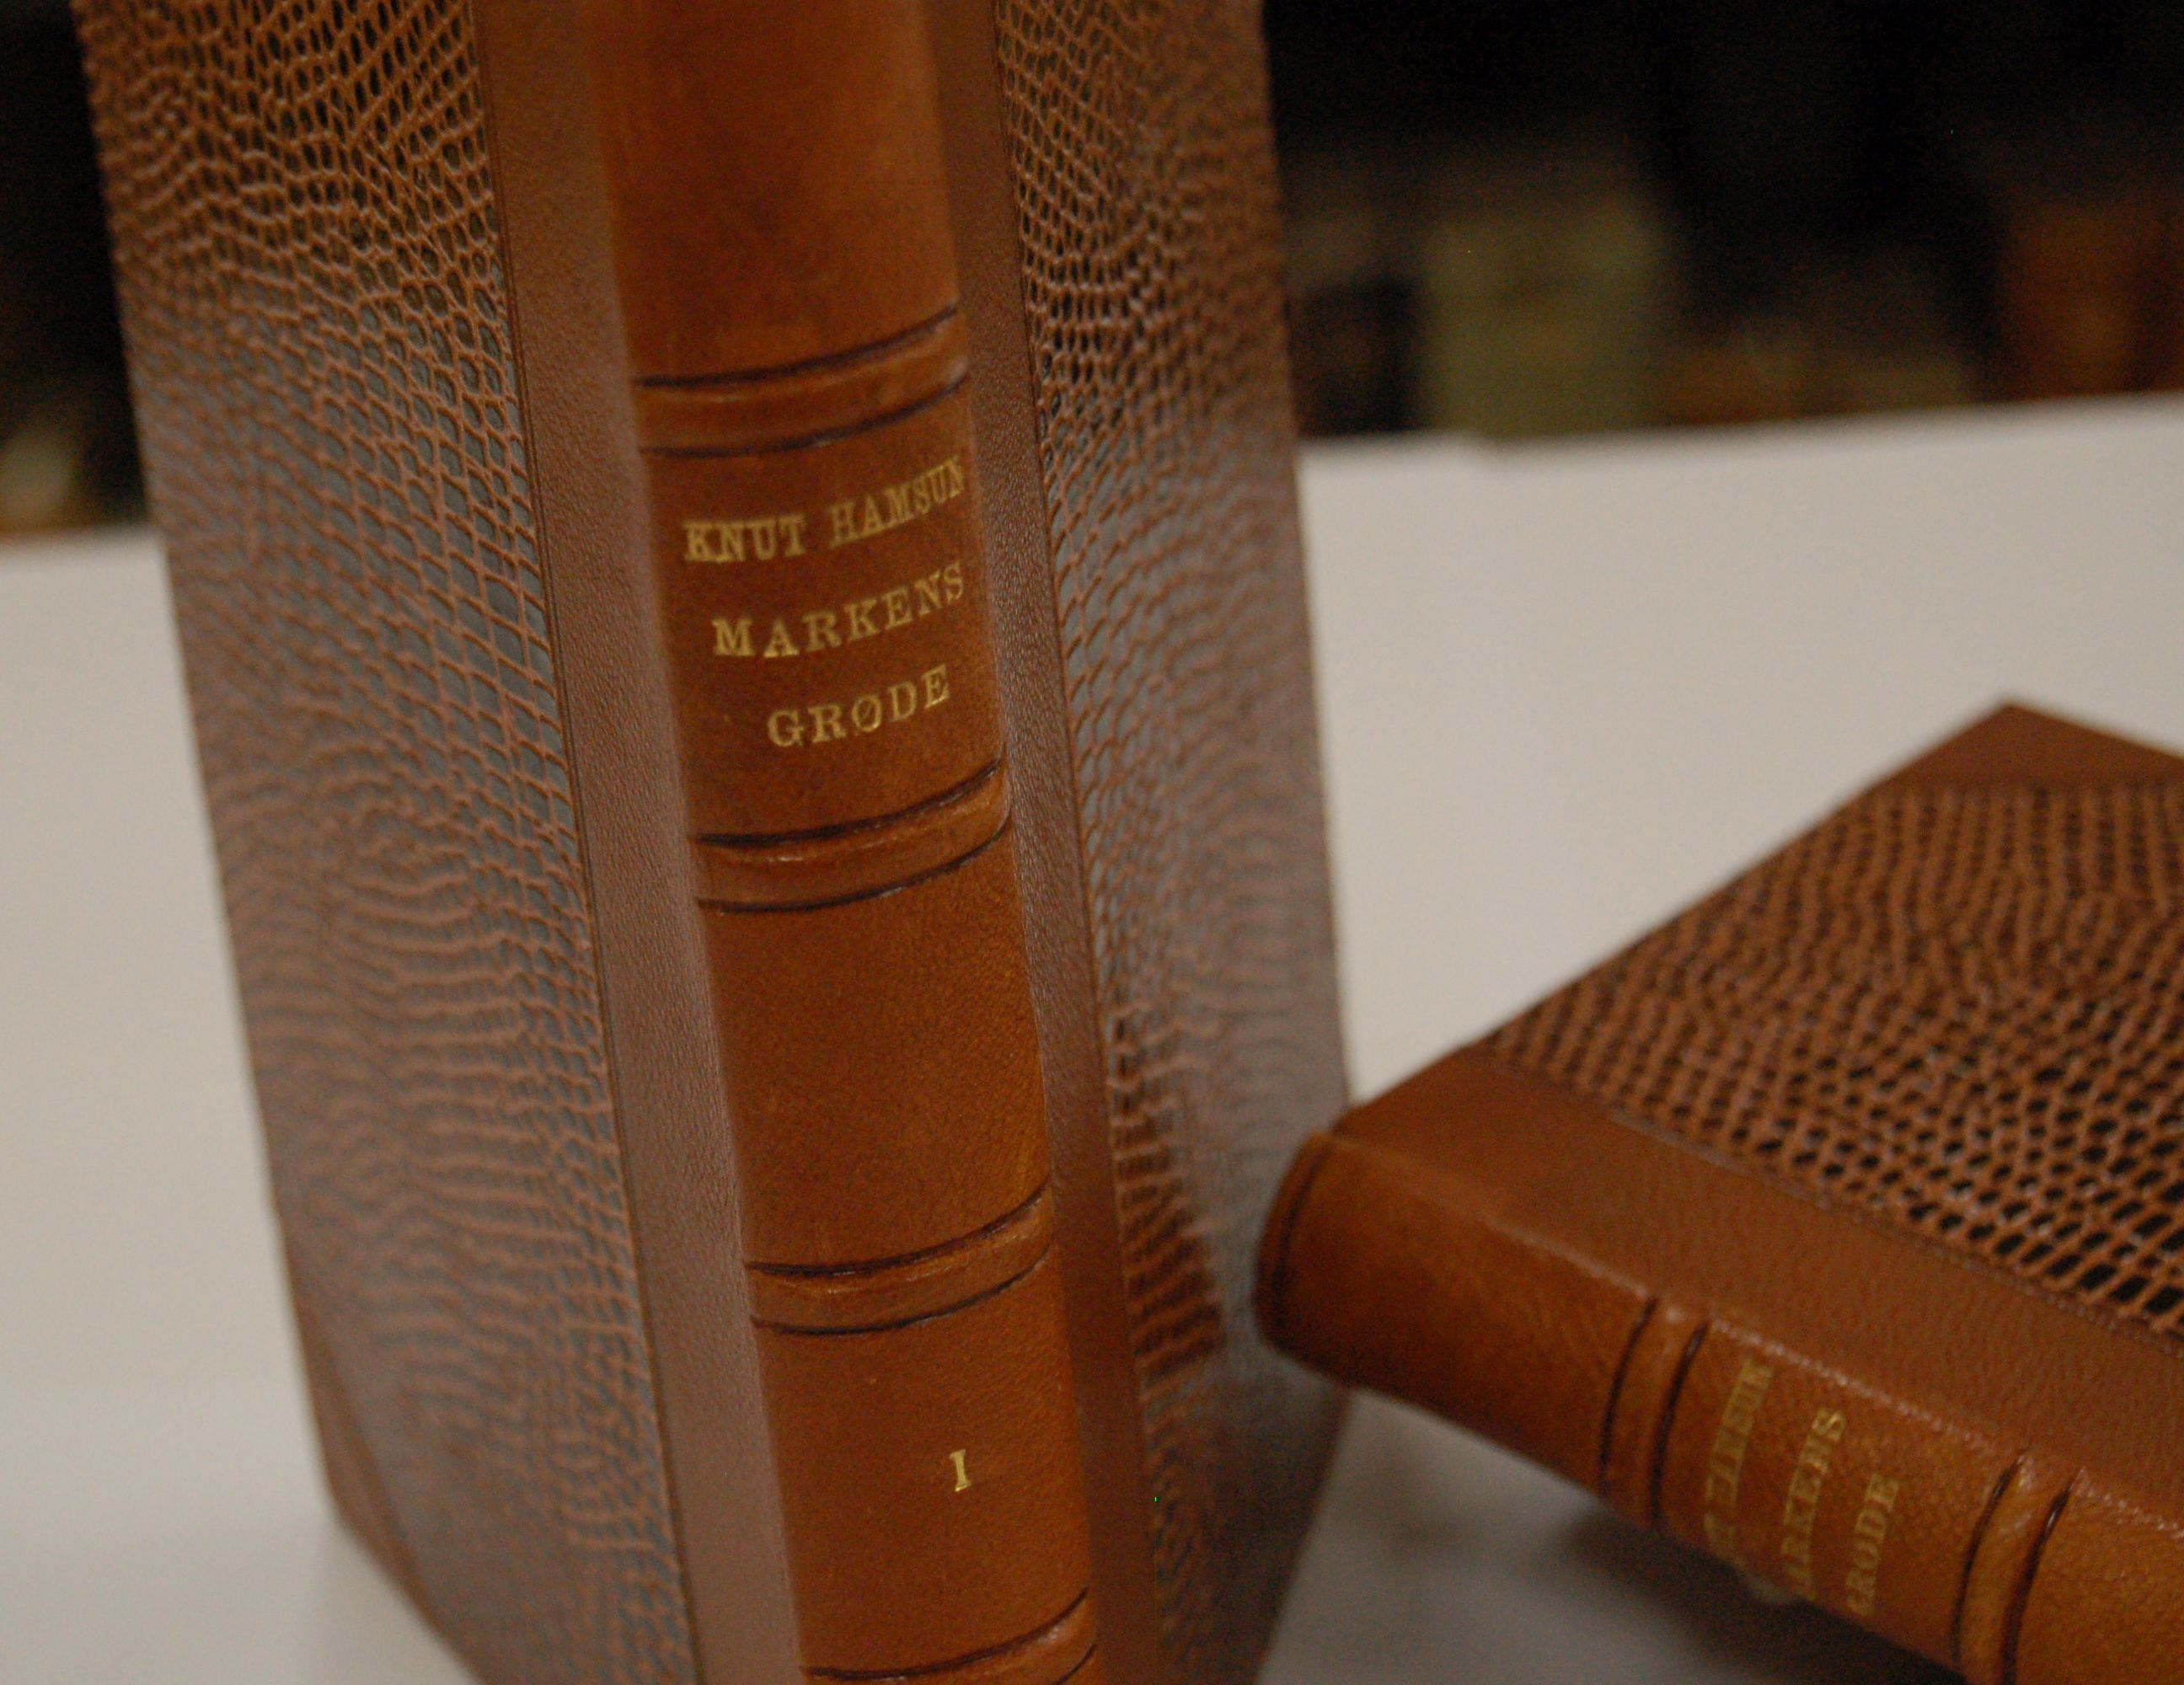 Førsteutgave av Markens grøde, Nils Volls boksamling